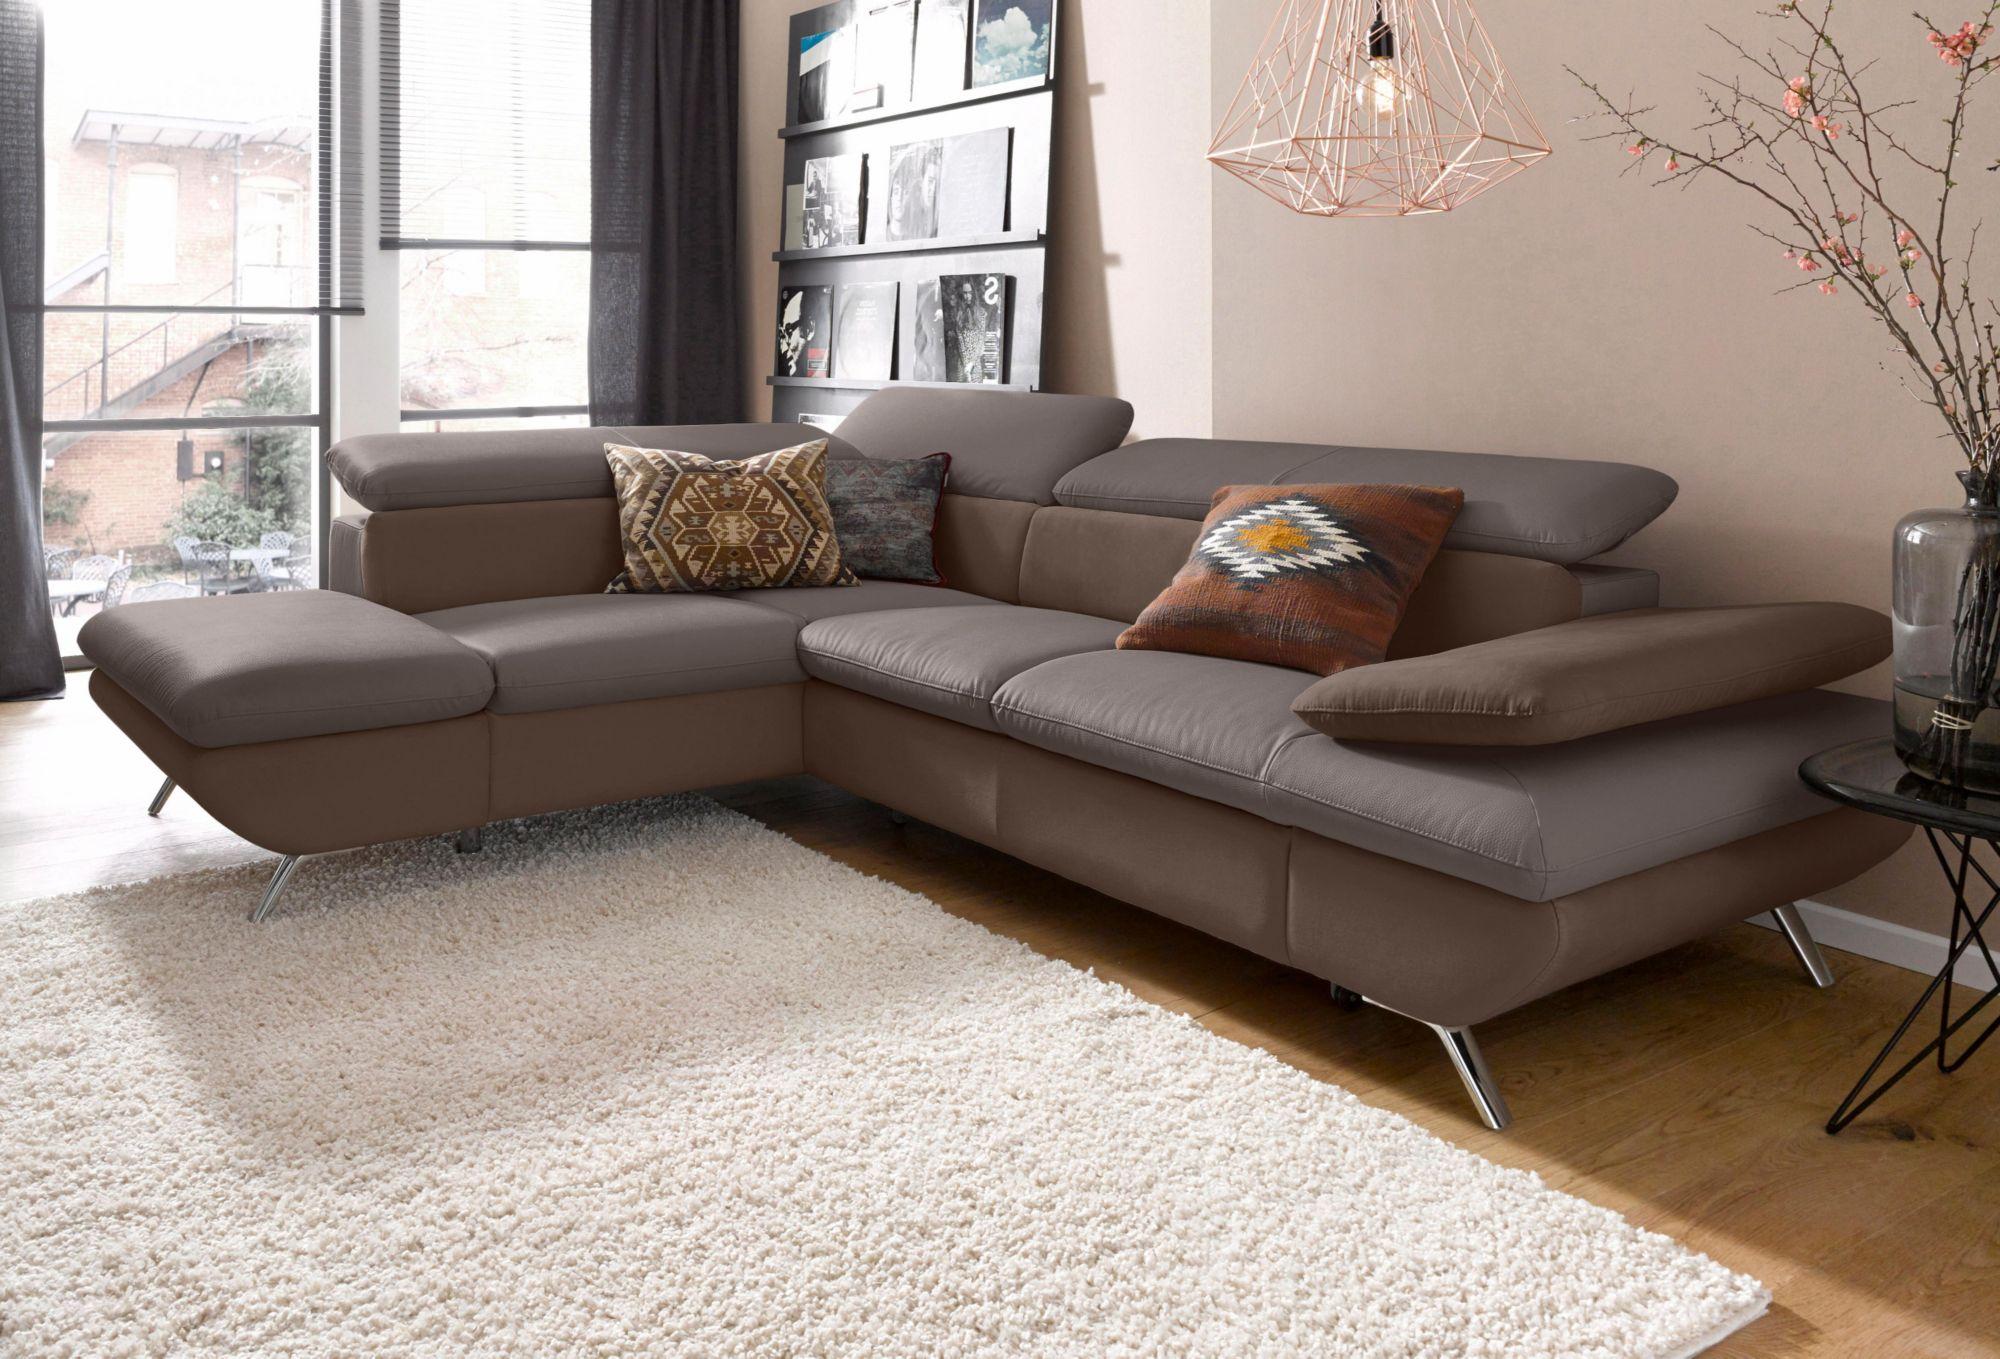 polsterecke cotta g nstig online kaufen beim schwab versand. Black Bedroom Furniture Sets. Home Design Ideas